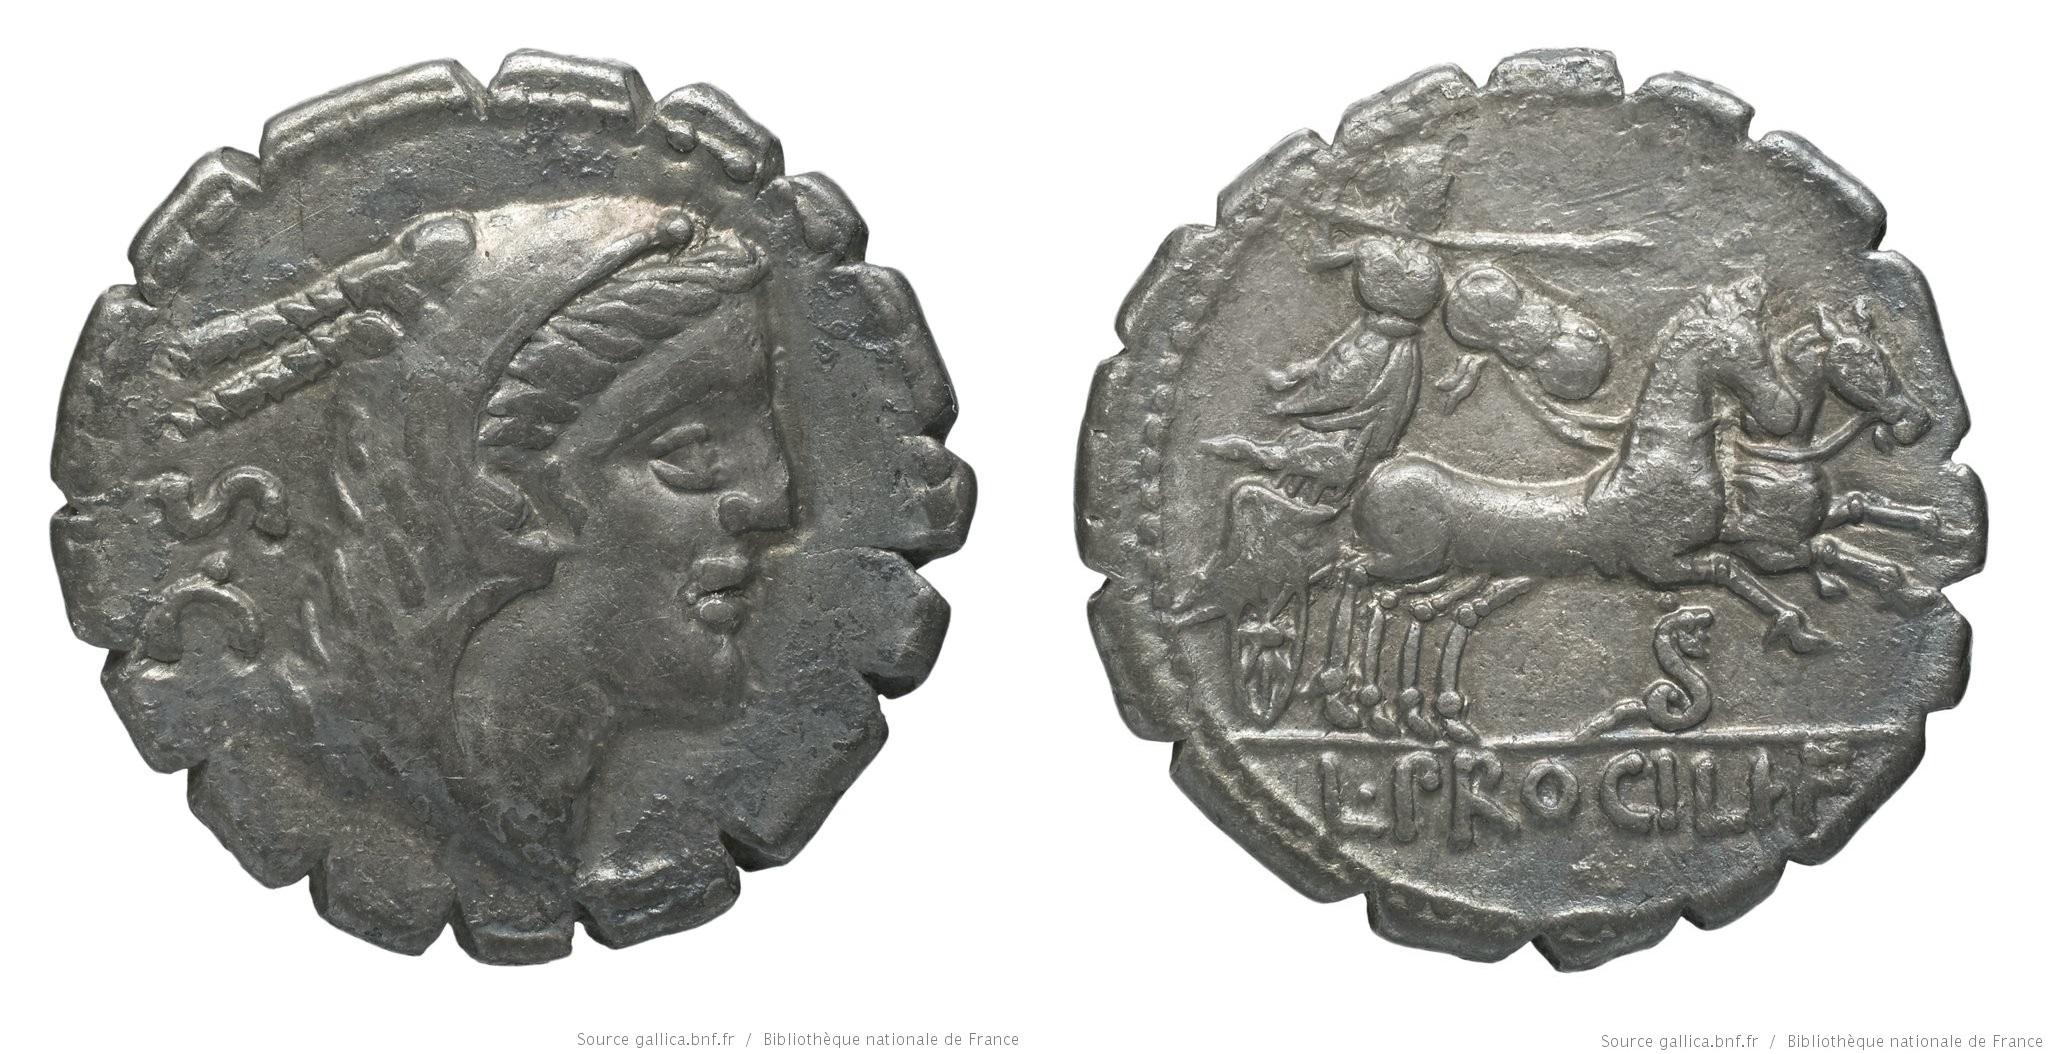 1312PR – Denier Serratus Procilia – Lucius Procilius